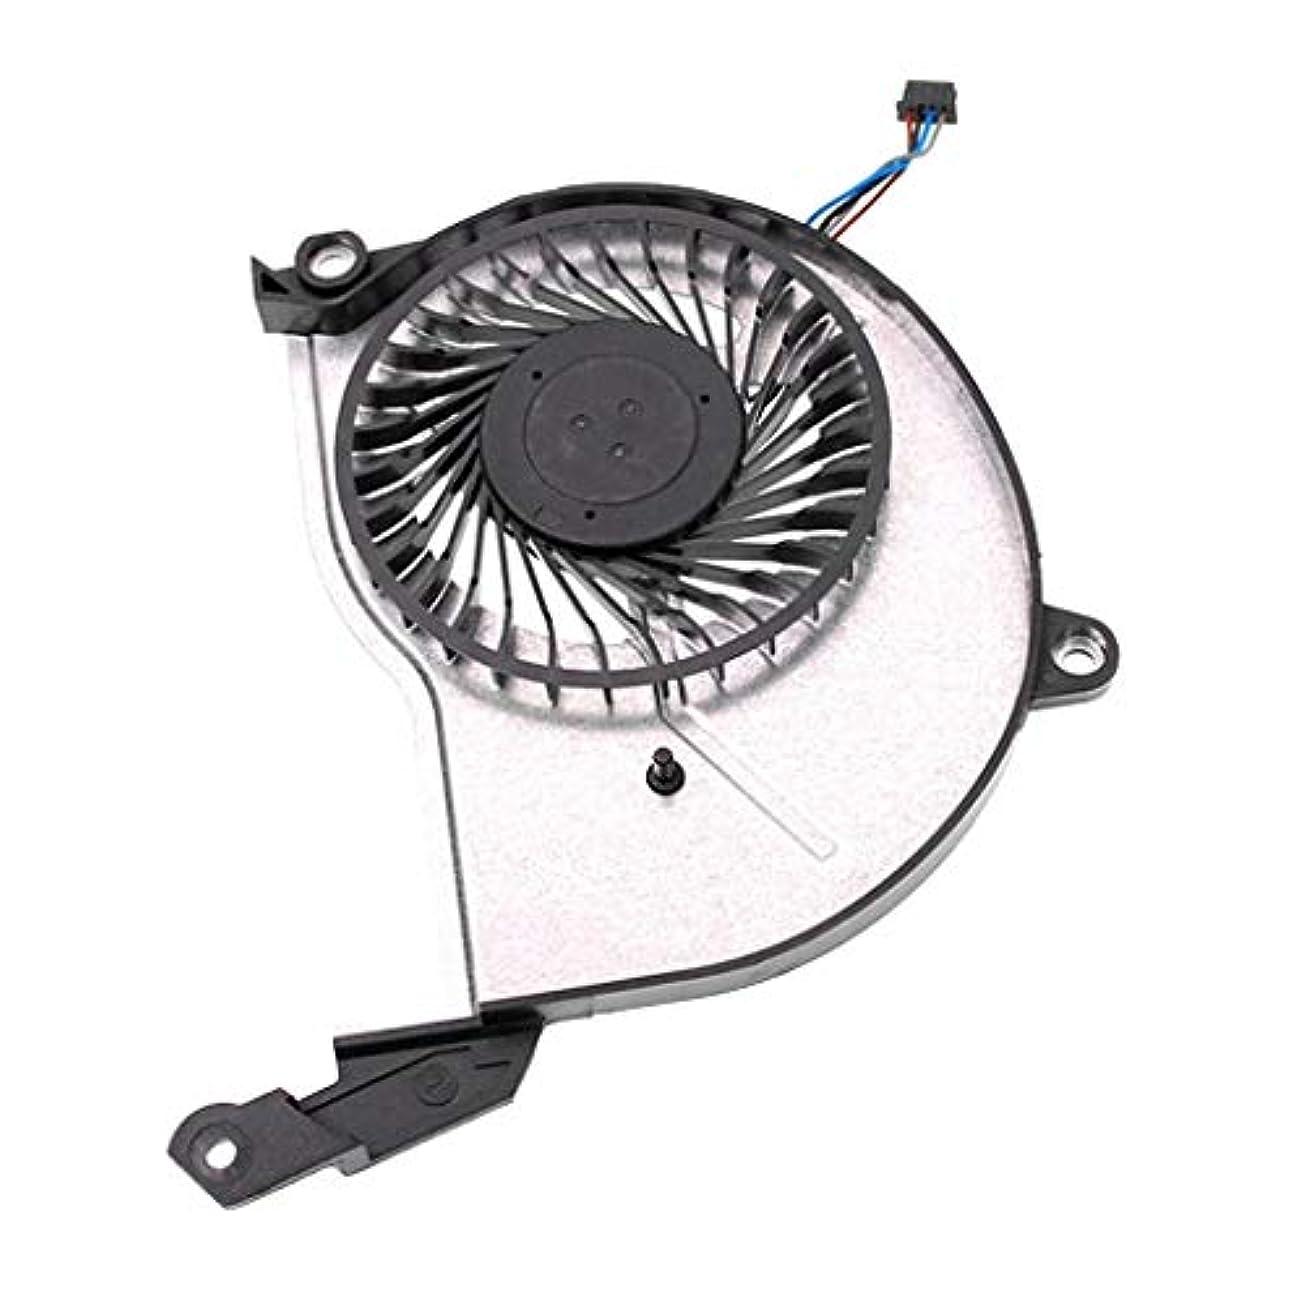 ヘルシー悲しい論争の的CPU 冷却ファン 4ピンコネクタ HP Pavilion 15-n247sa 15-n276sa 15-n290saに適合 取り替え